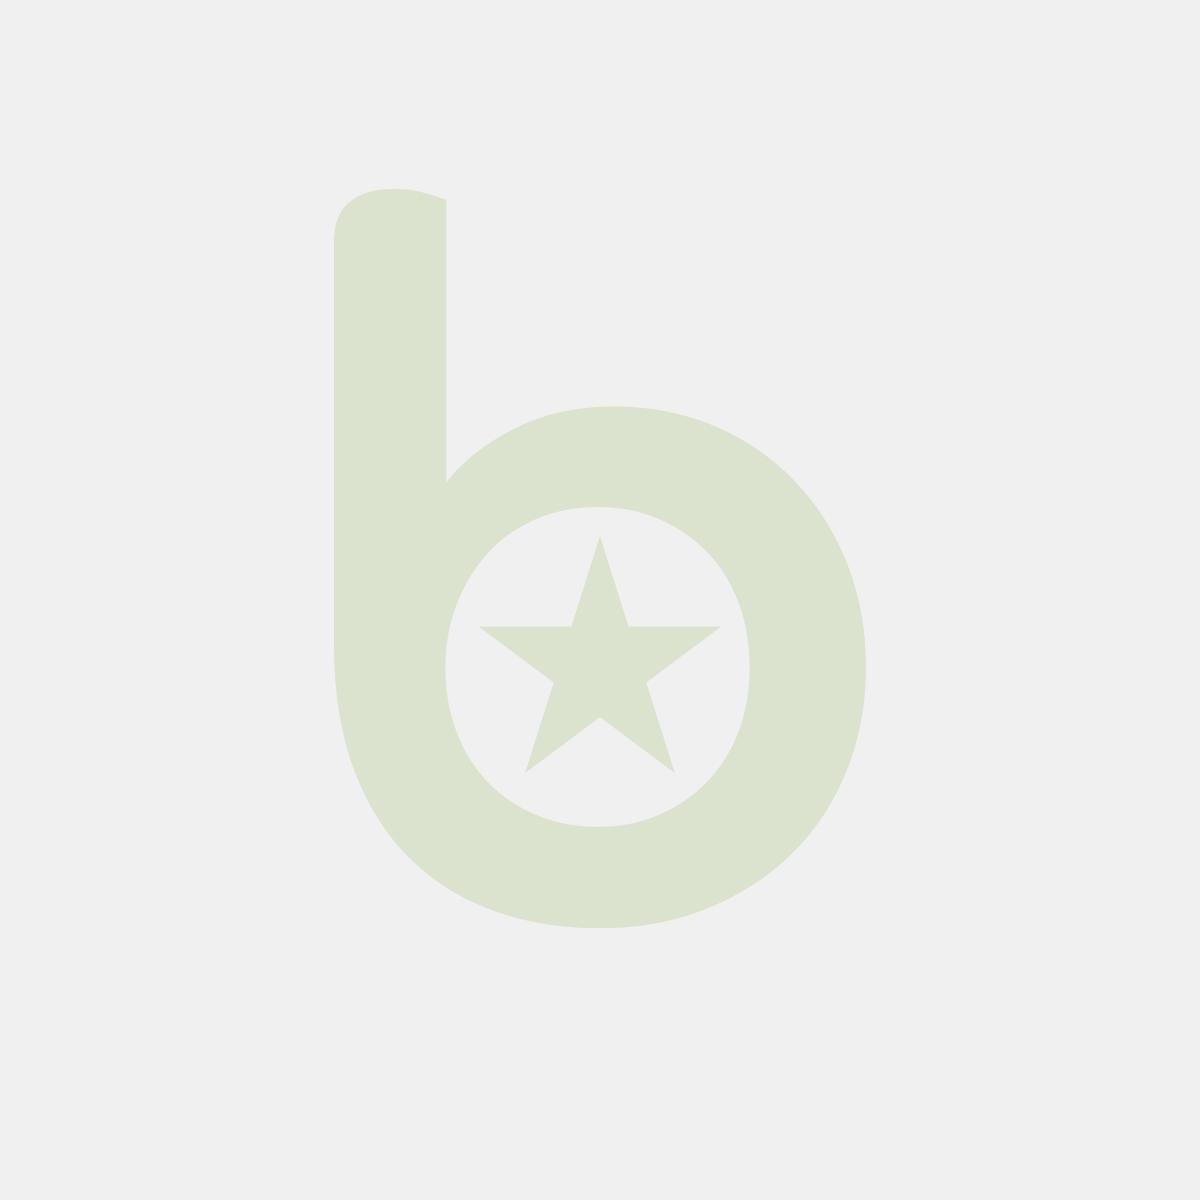 Taca cateringowa styropian czarny laminowany 35 cm x 24,5 cm x 3 cm, opakowanie 5szt